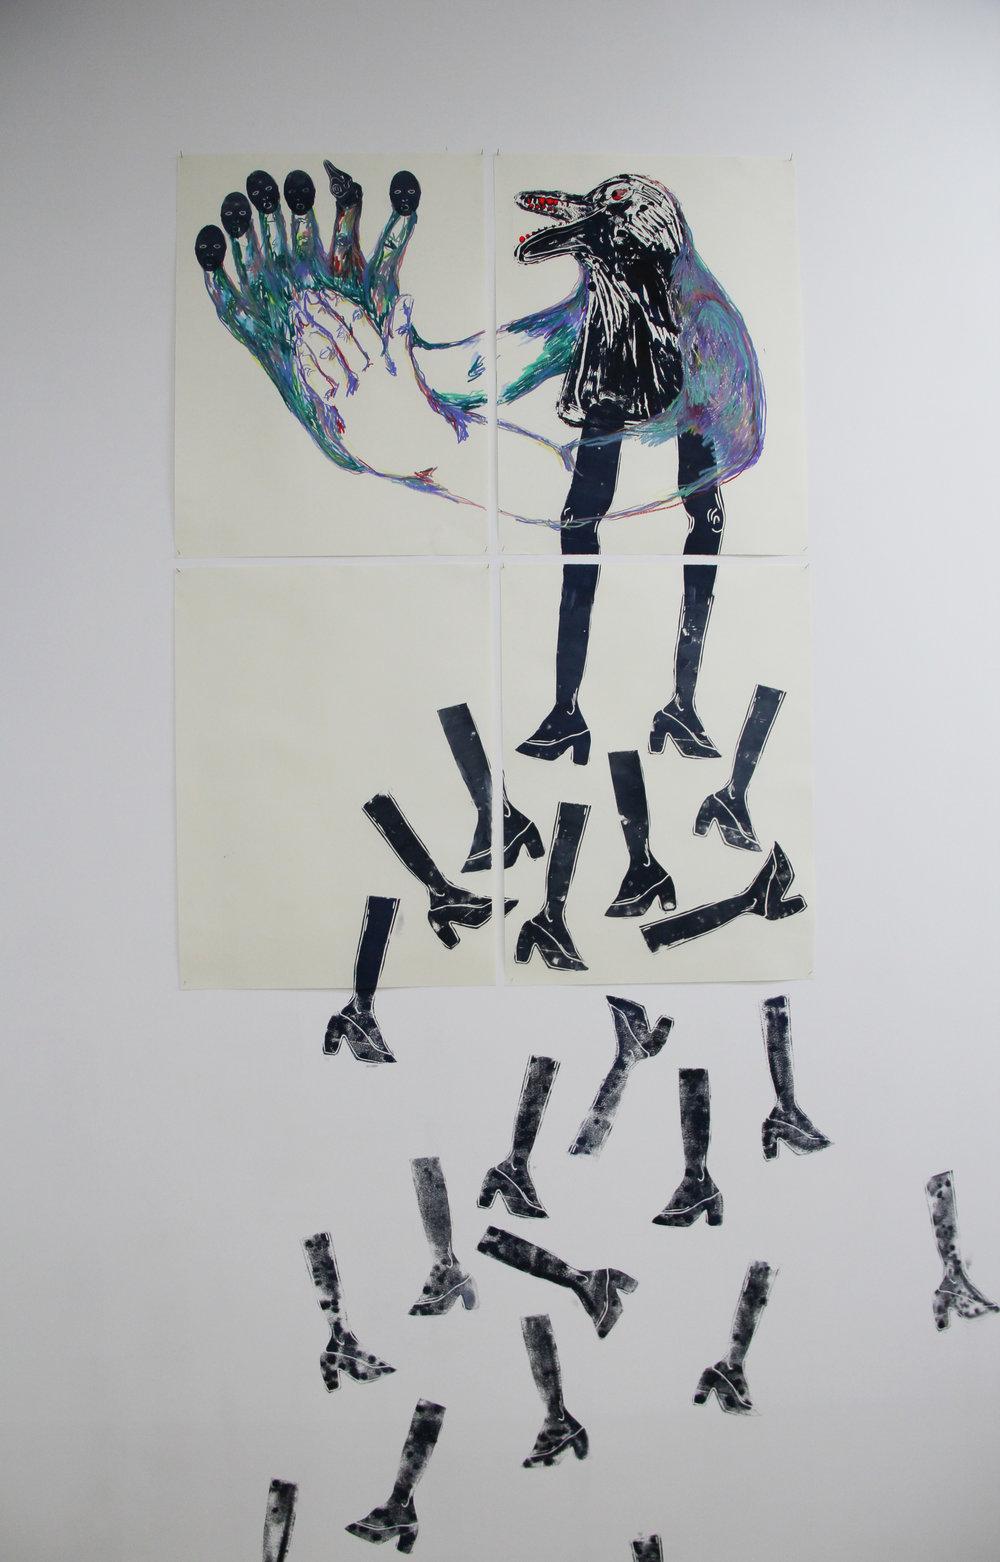 Cécile Guettier,  J'ai eu la bassesse de tuer une mouette aujourd'hui , 2017, 96x128cm,techniques mixtes : monotype, linogravure, pastel gras, peinture.